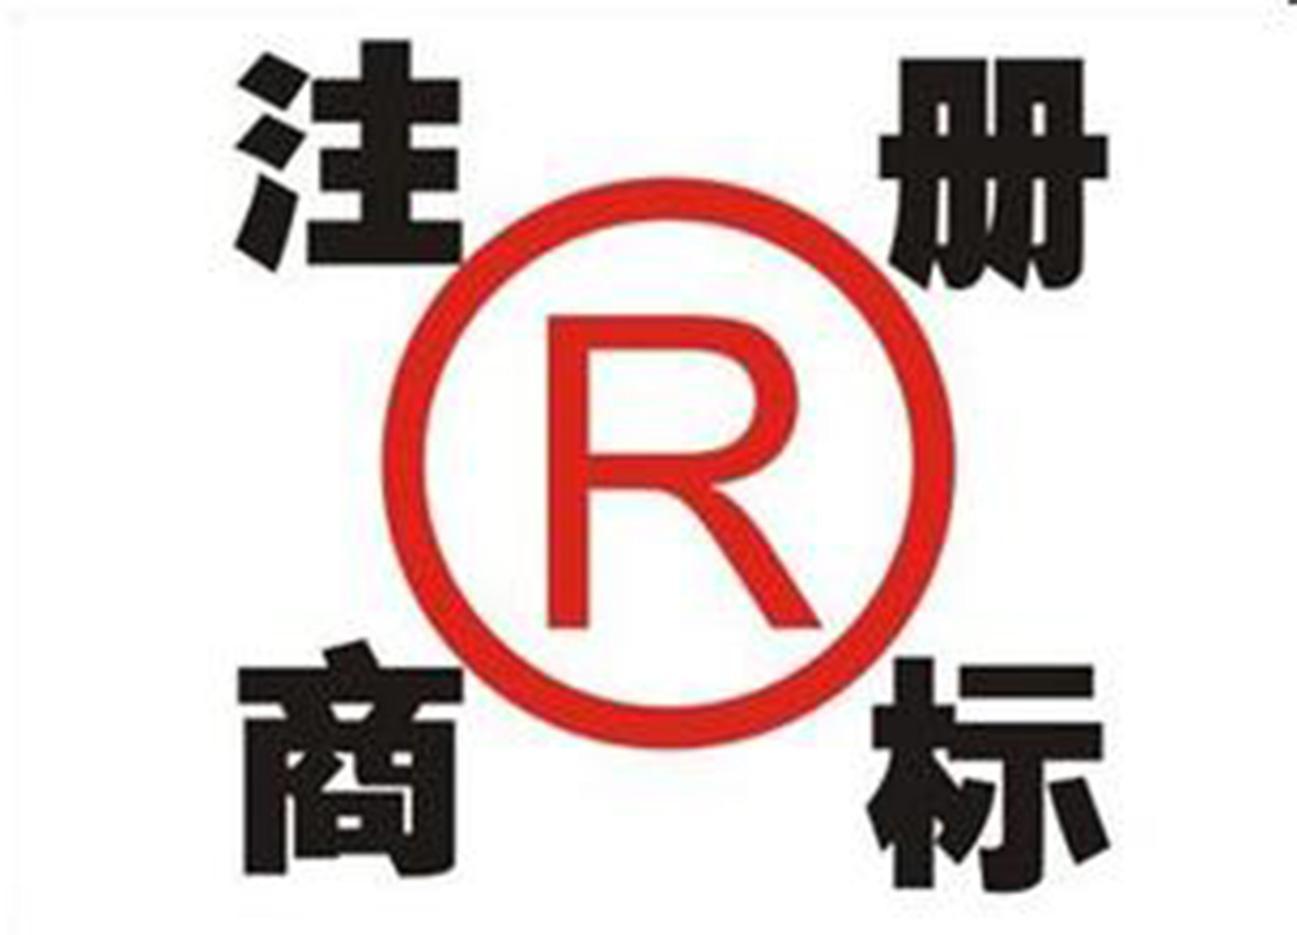 盘锦知识产权申请就找善亲若水提供专业便捷的商标注册,版权申请